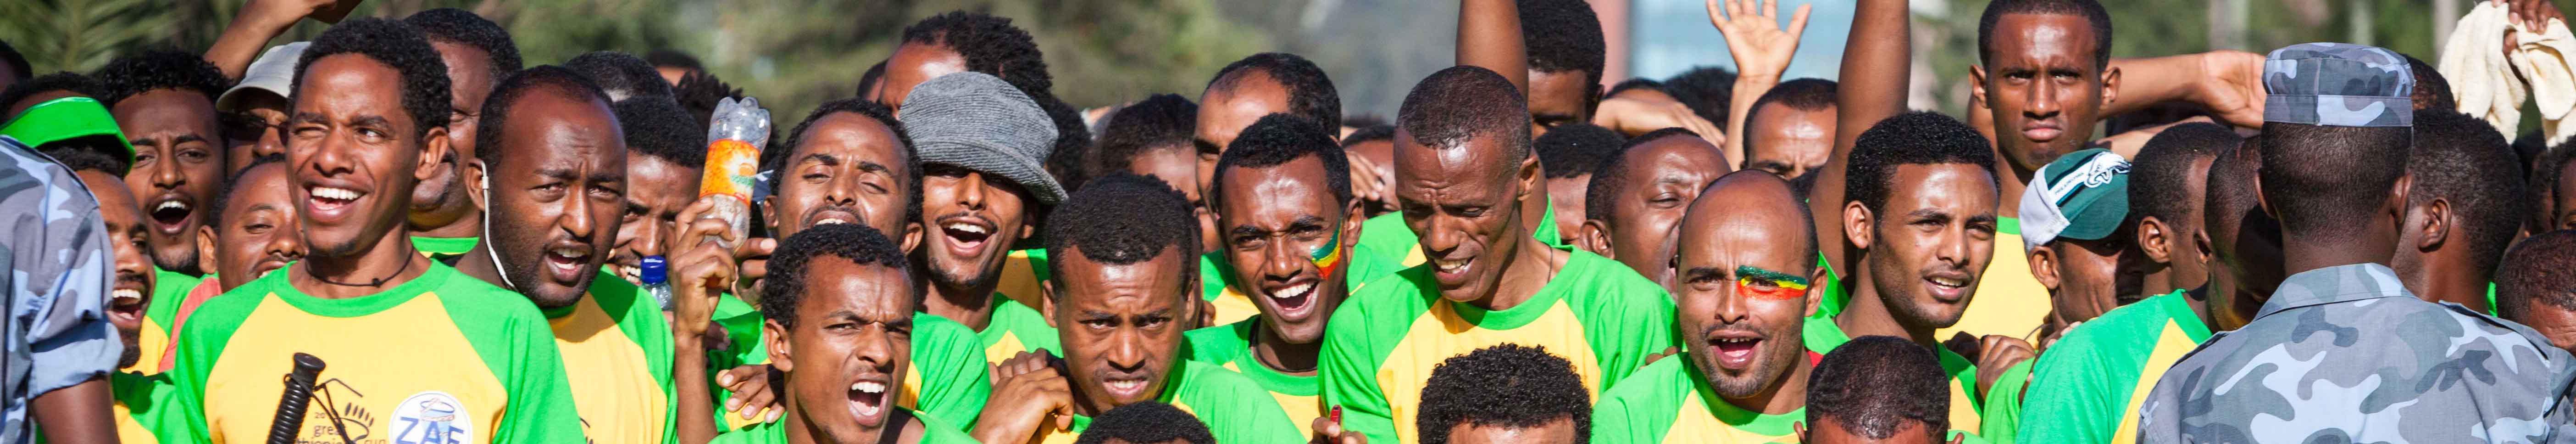 Embassy of Ethiopia – Brussels, Belgium